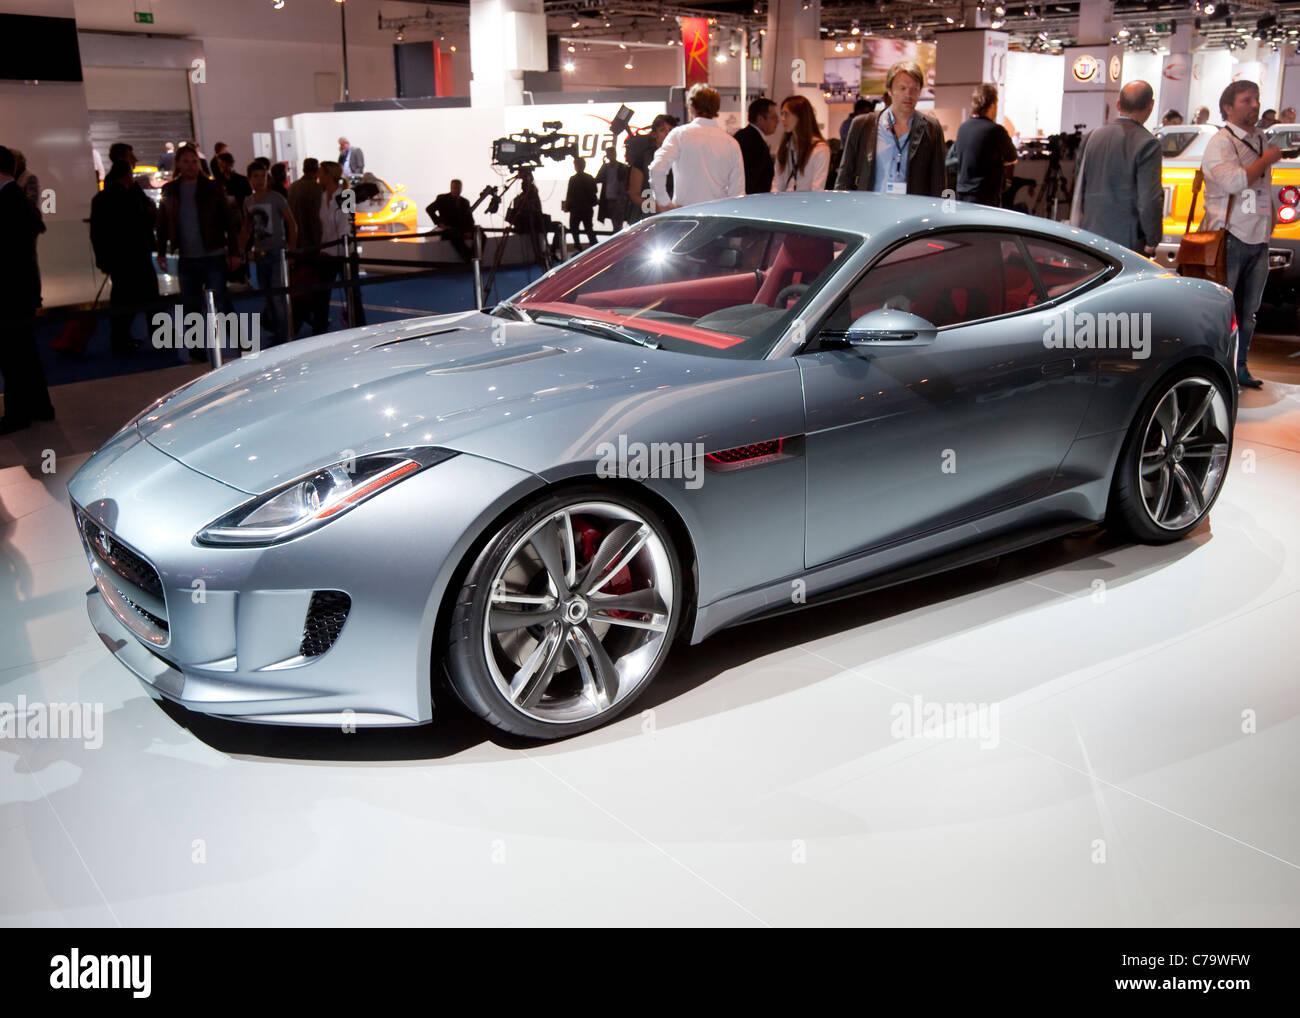 Nuevo concepto híbrido de Jaguar C-X16 en el IAA 2011 Salón Internacional del Automóvil de Frankfurt Imagen De Stock